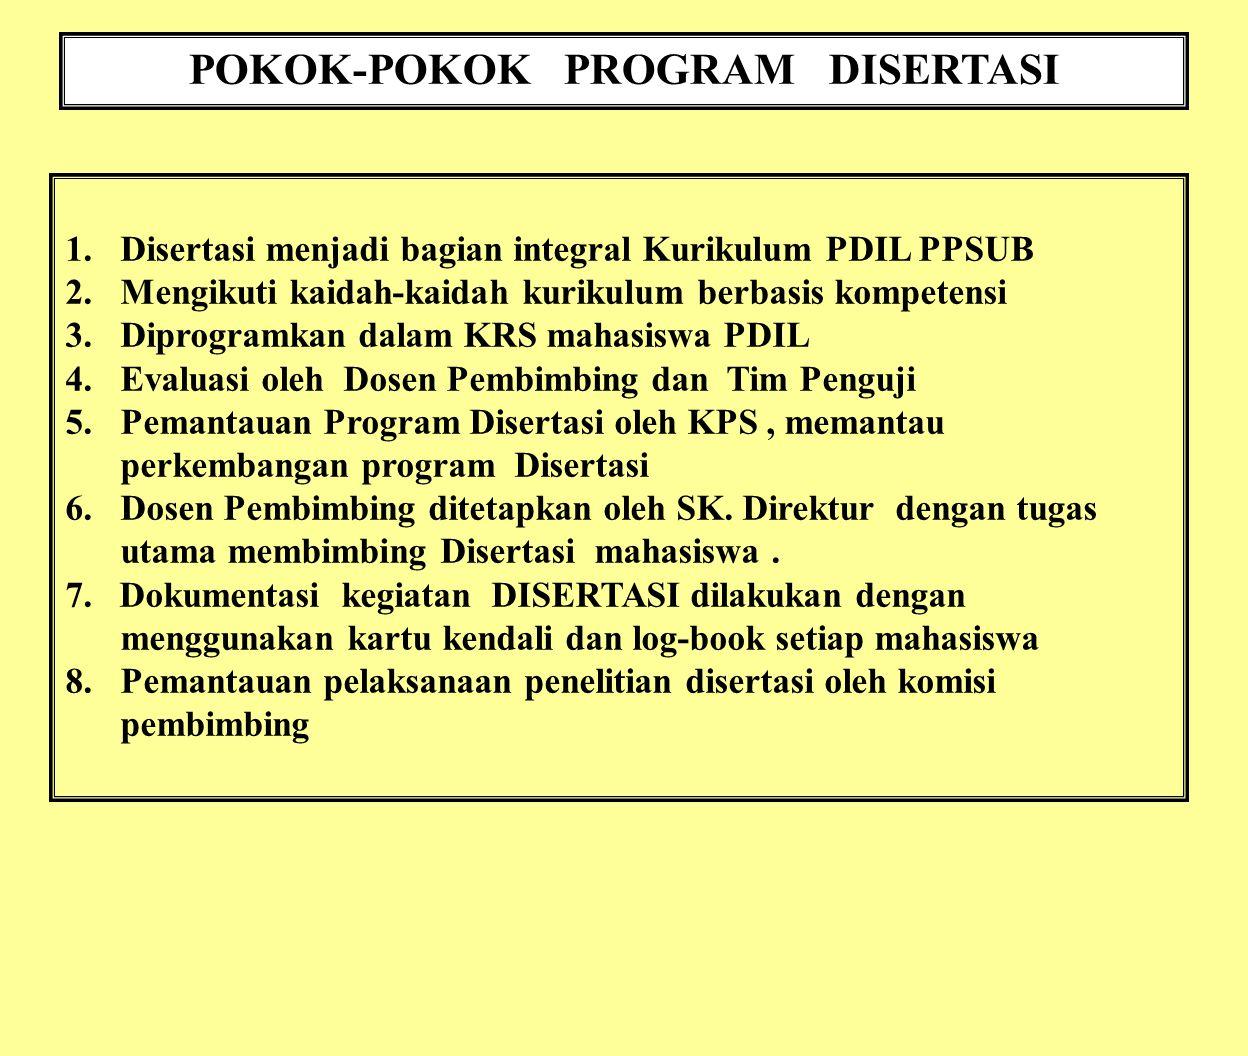 POKOK-POKOK PROGRAM DISERTASI